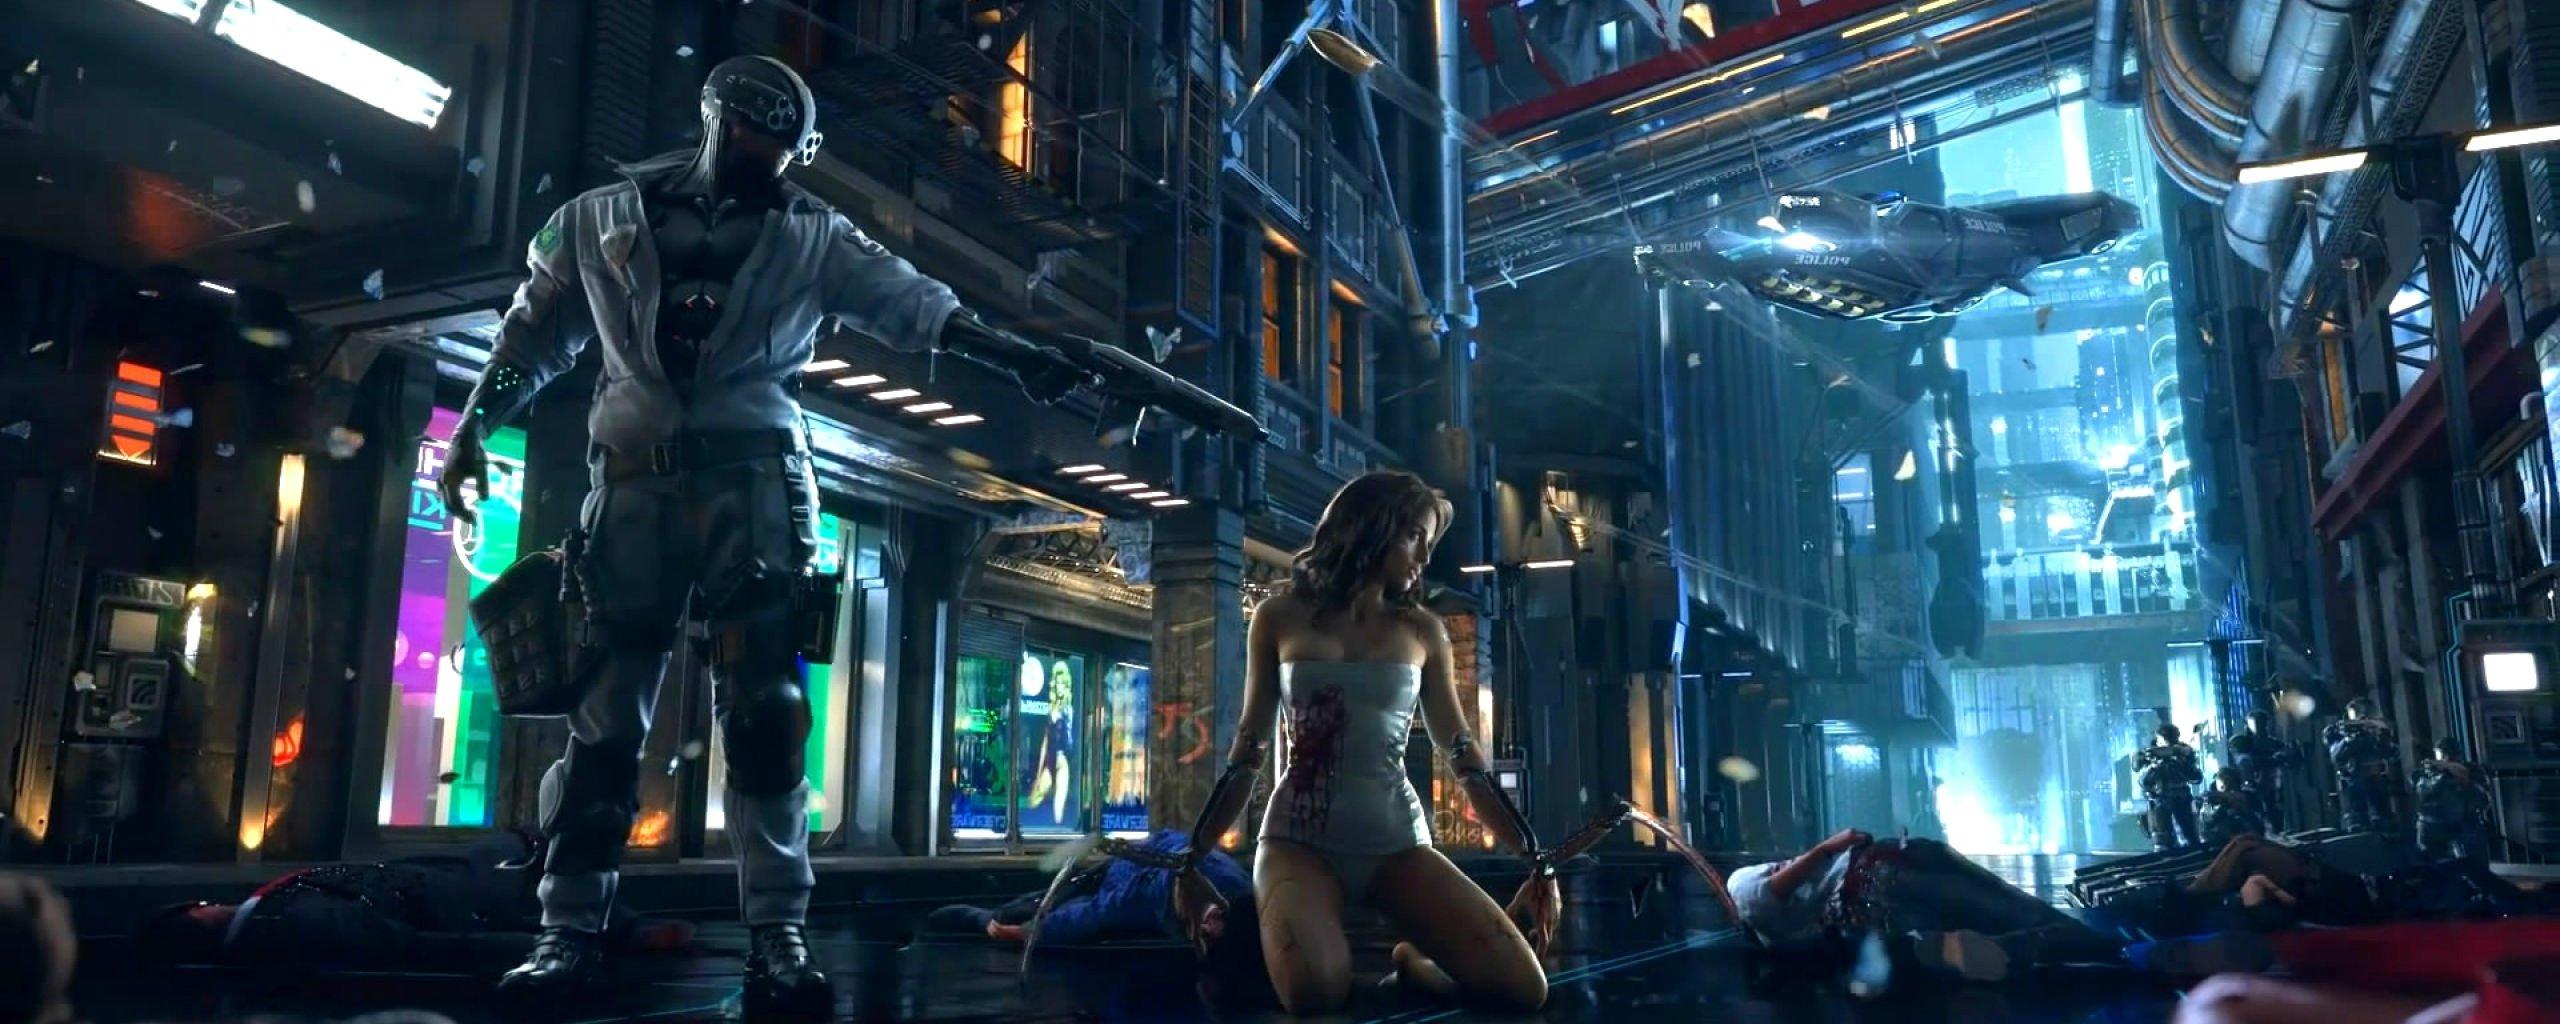 wallpaper cyberpunk metropolis robots - photo #9